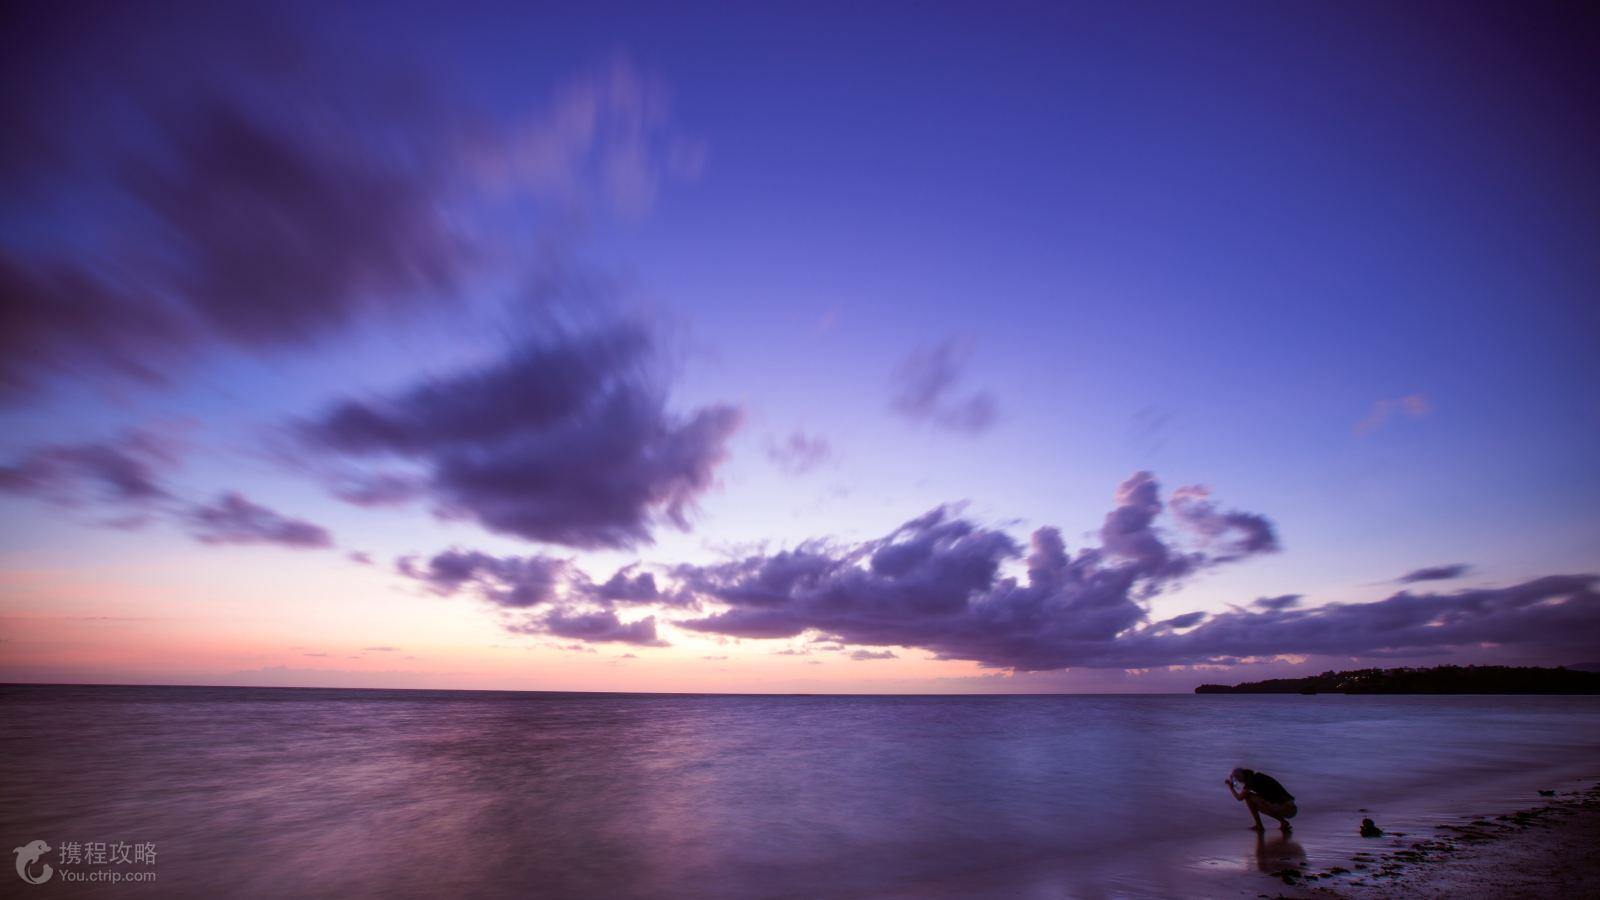 菲律宾9日8晚半自助游·宿雾岛 长滩岛 薄荷岛三岛环游/全景游